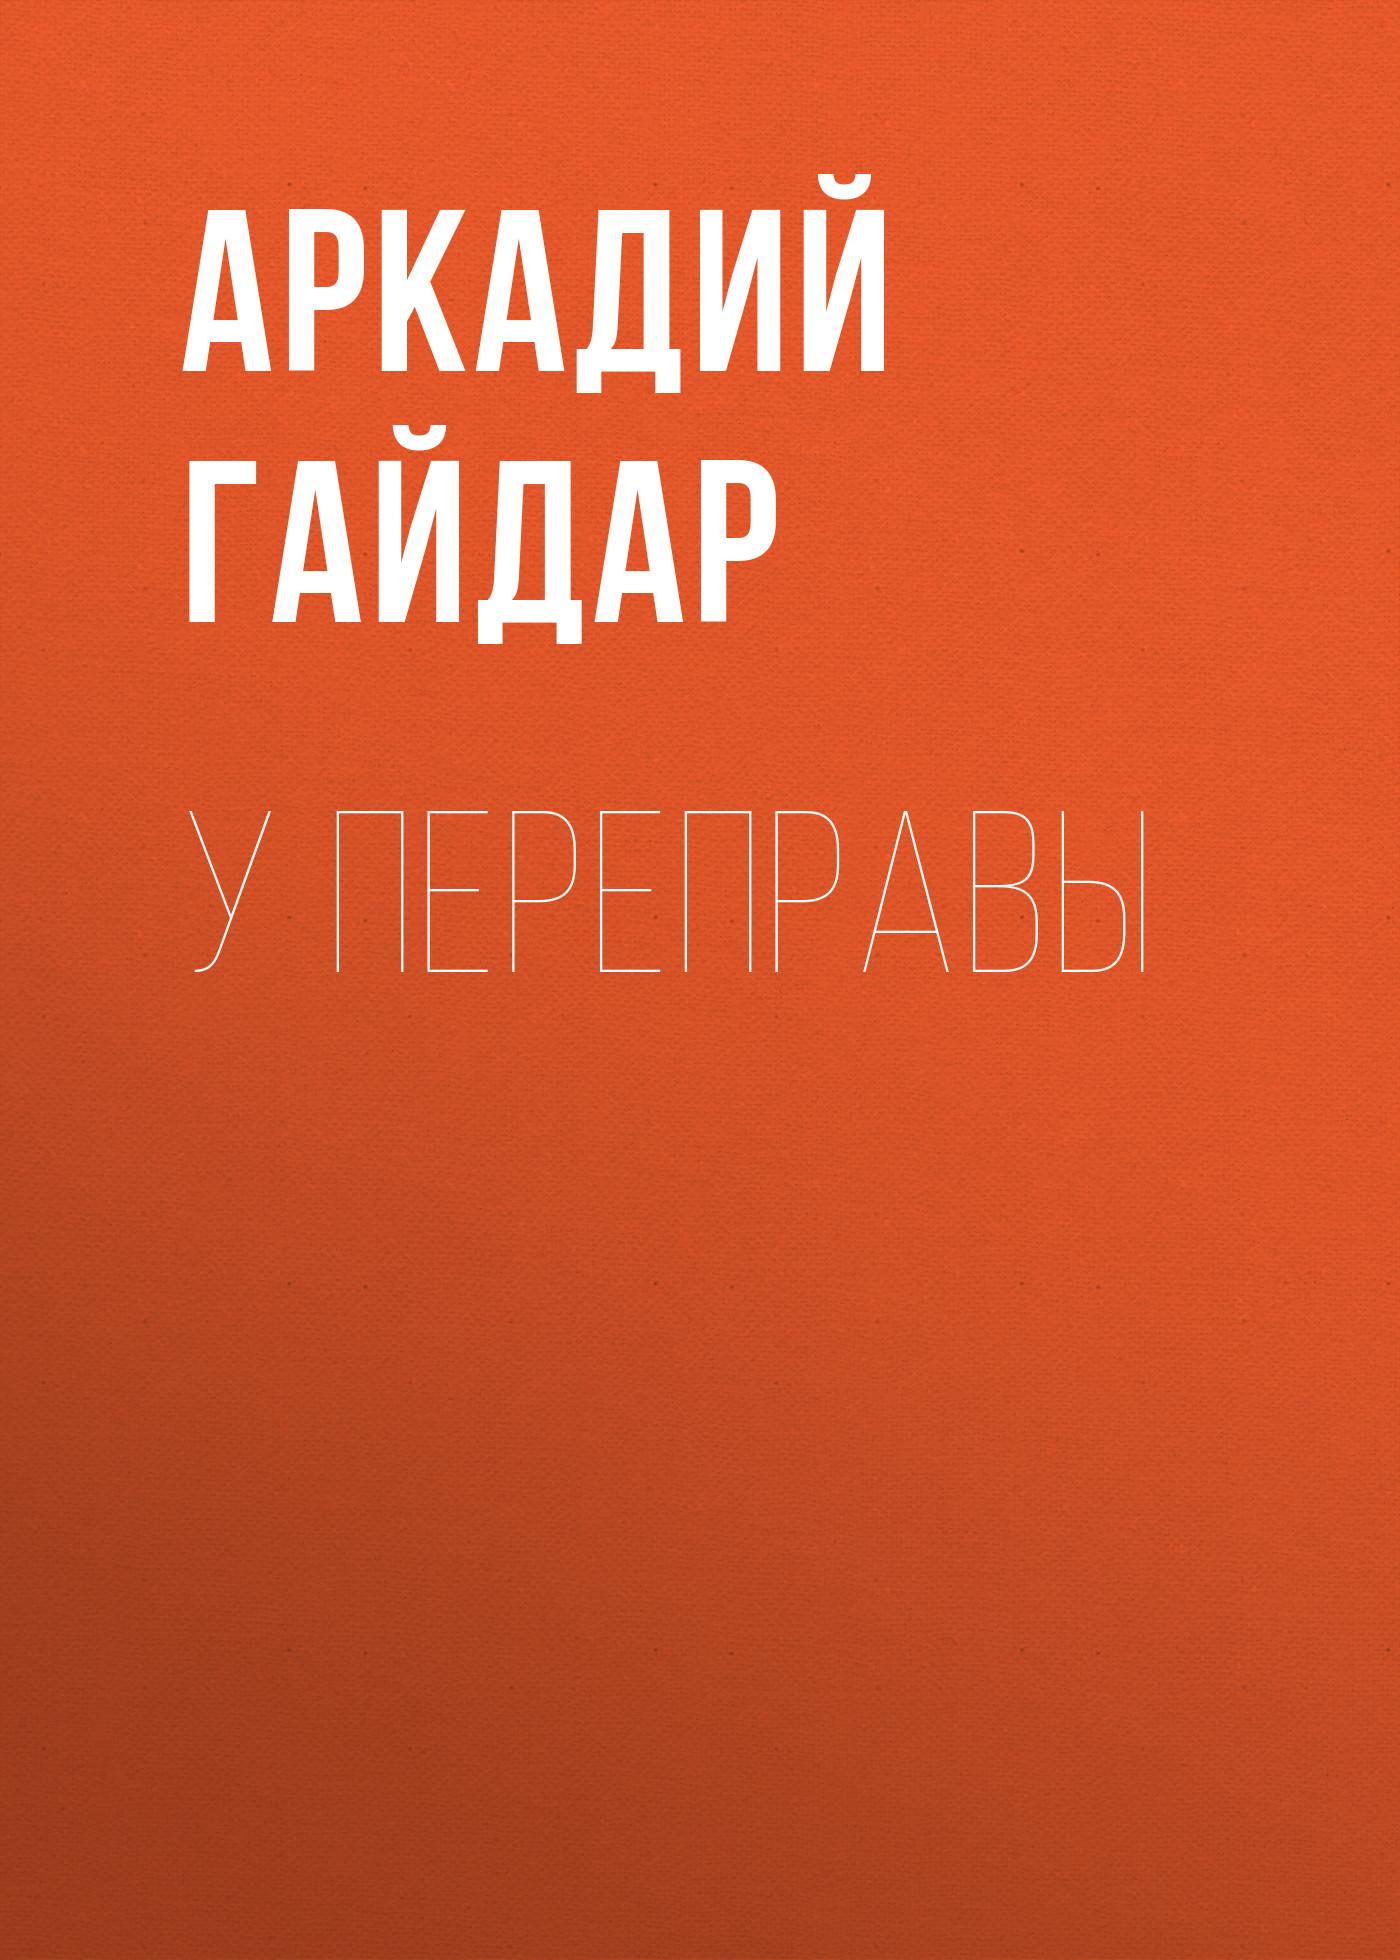 Аркадий Гайдар У переправы цена